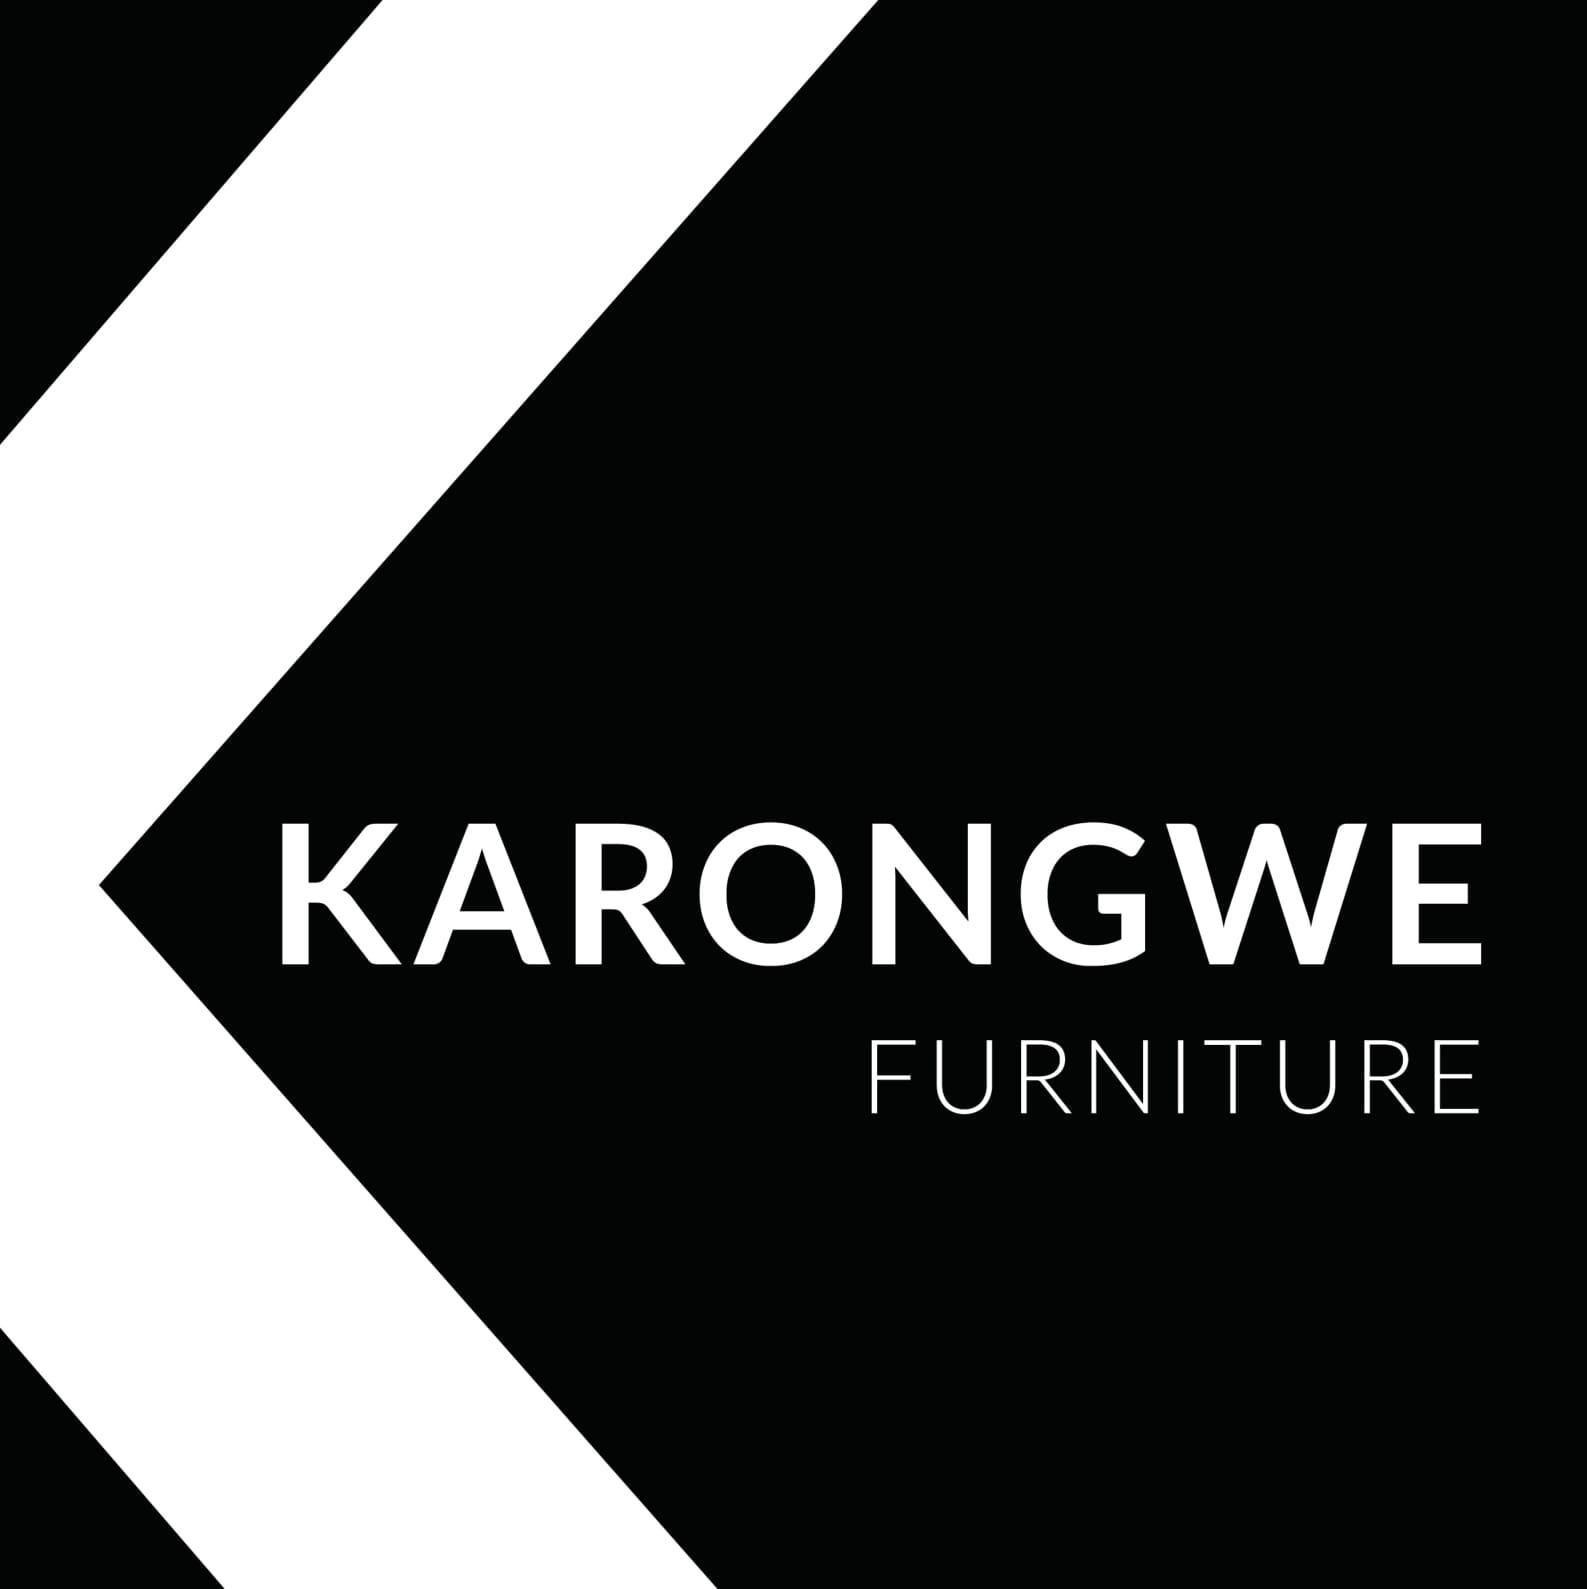 Karongwe